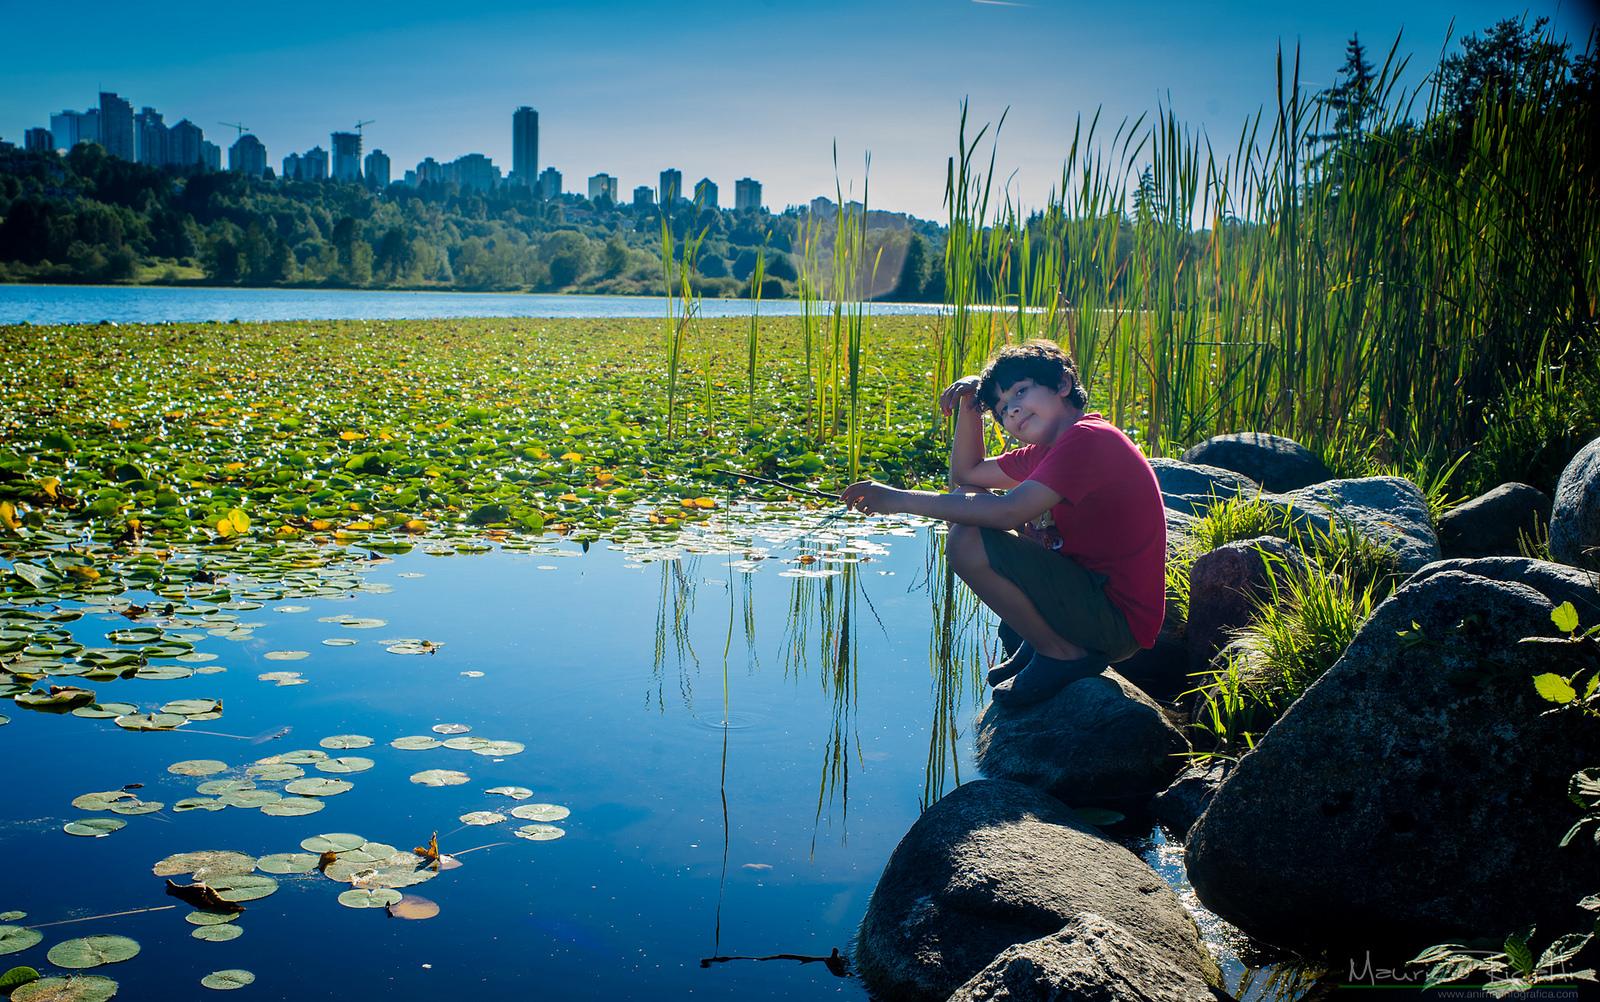 Disfrutando un día en el Lago de los Ciervos